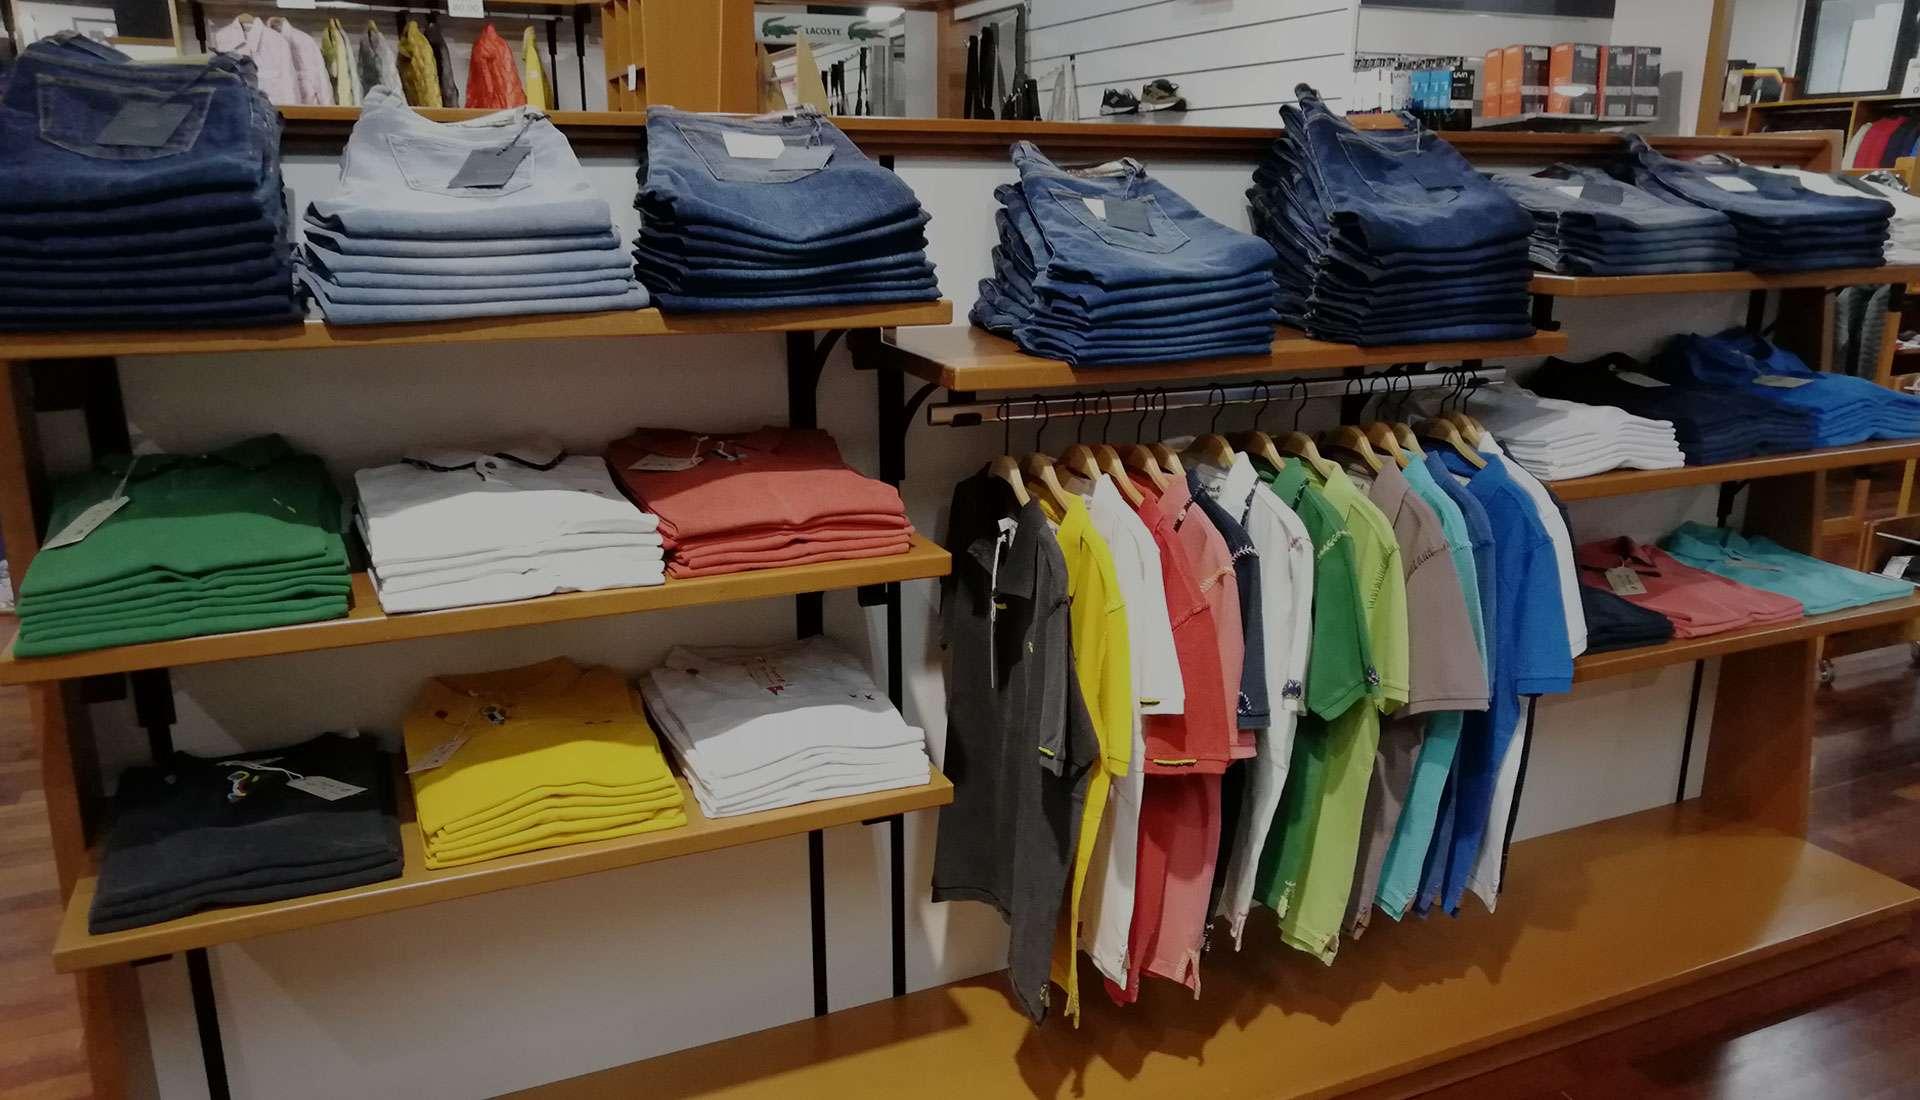 Negozio di abbigliamento multibrand - Camersport - Corridonia (Macerata)